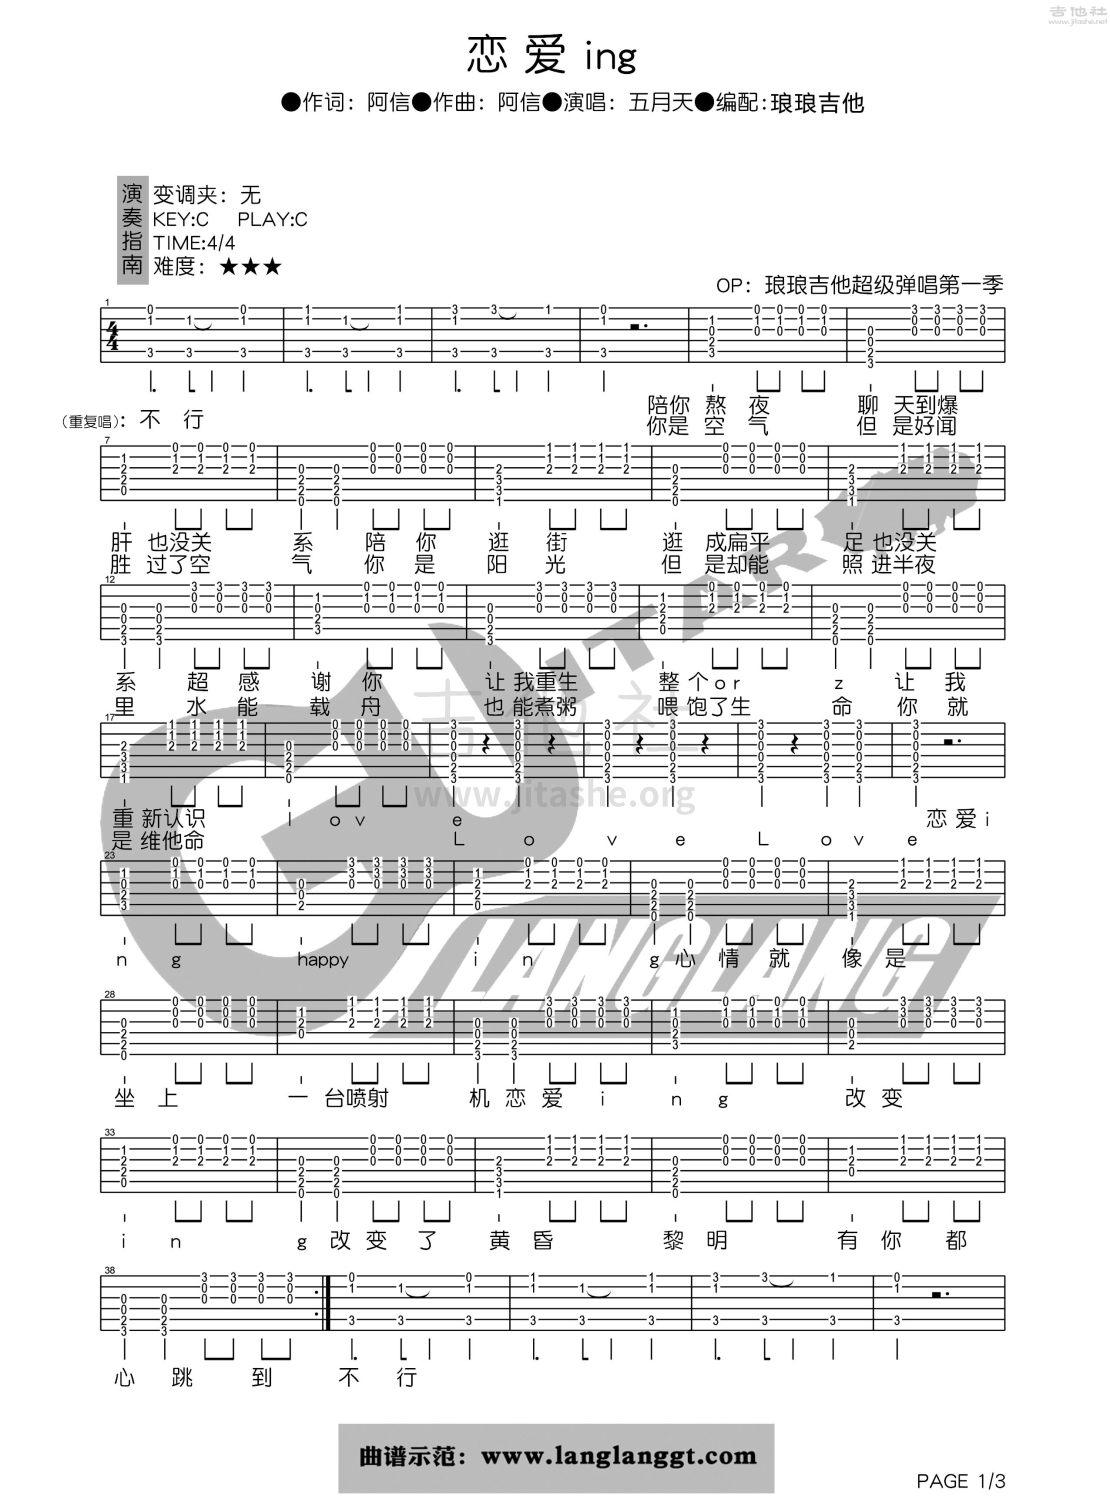 戀愛ing吉他譜原版_戀愛ing尤克里里譜_戀愛ing吉他譜17吉他